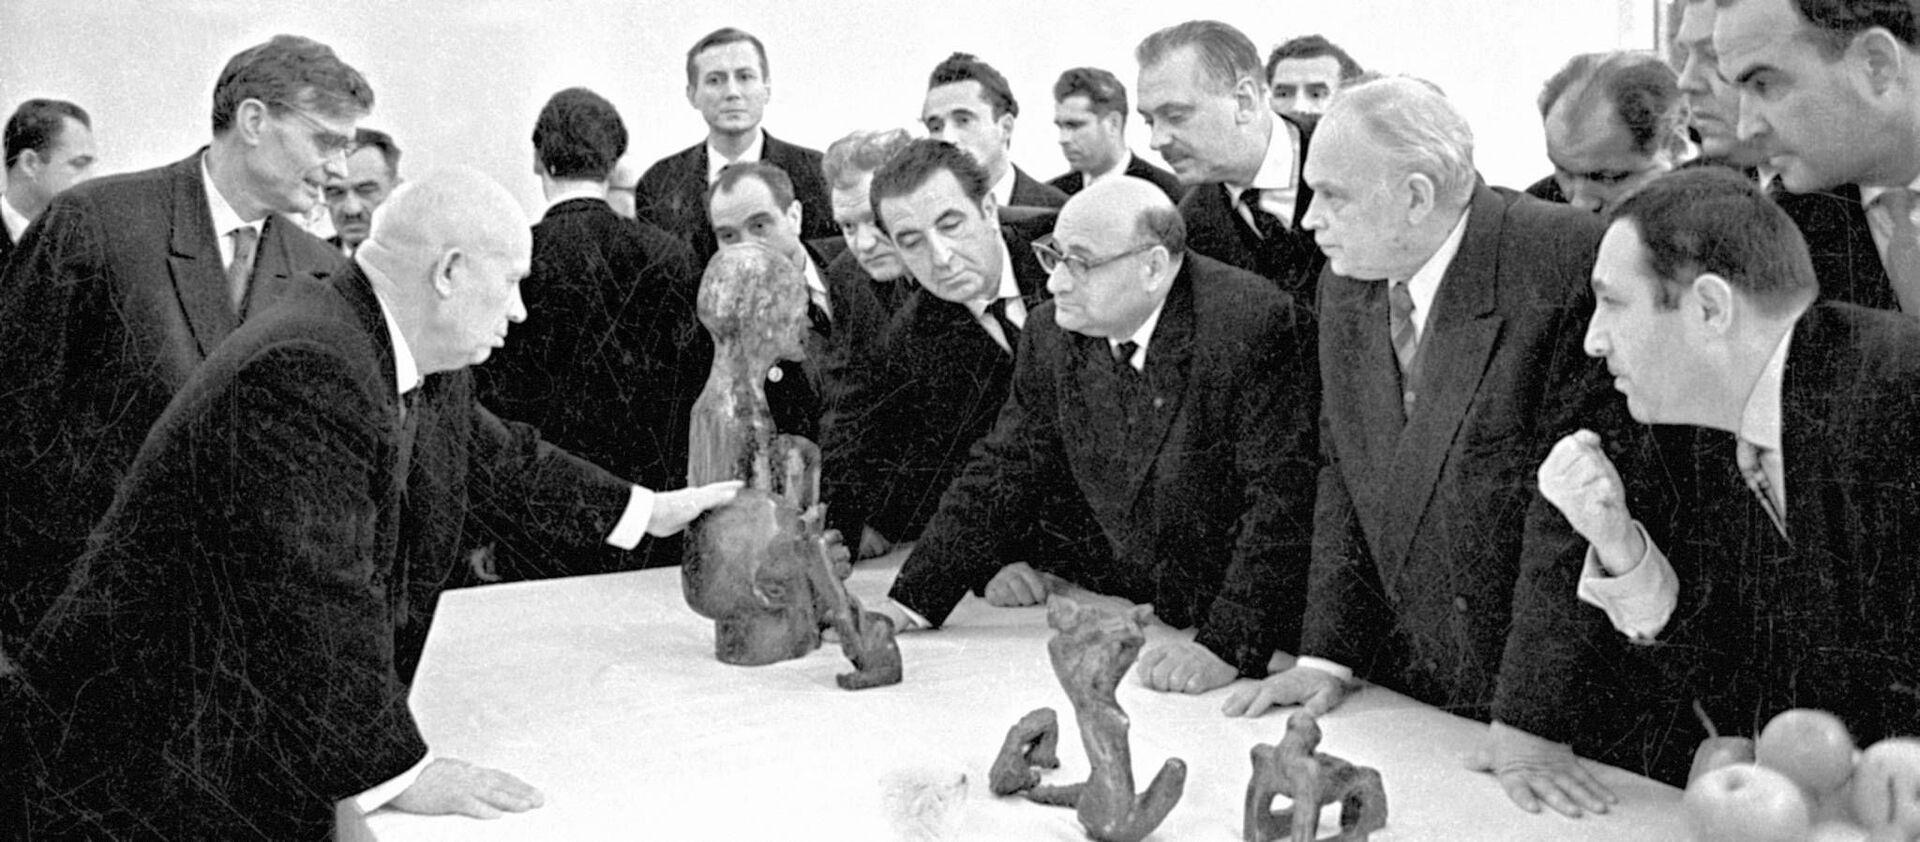 Били по личности, а попали в систему: как и зачем убивали Сталина - РИА Новости, 1920, 25.02.2021